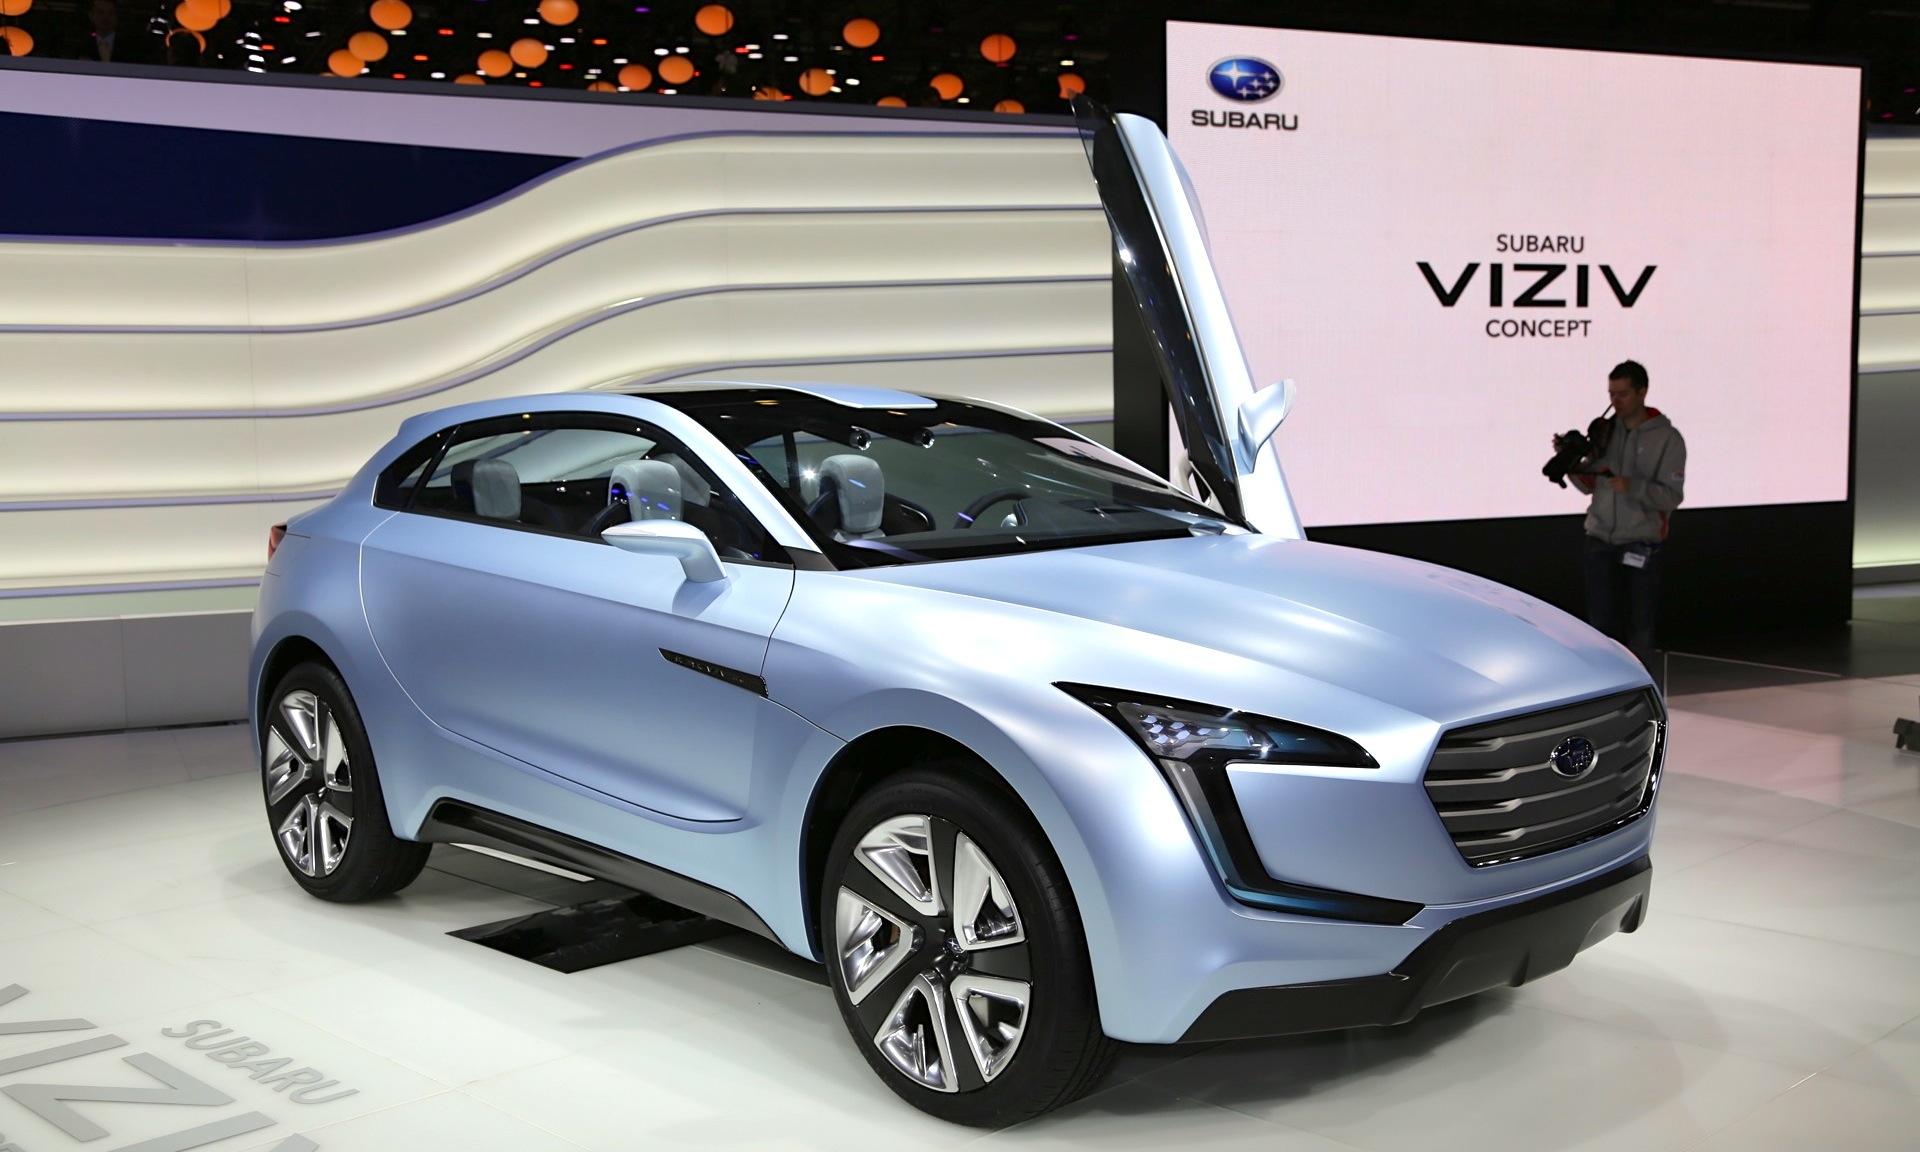 Subaru Viziv Concept Live Photos 2013 Geneva Motor Show